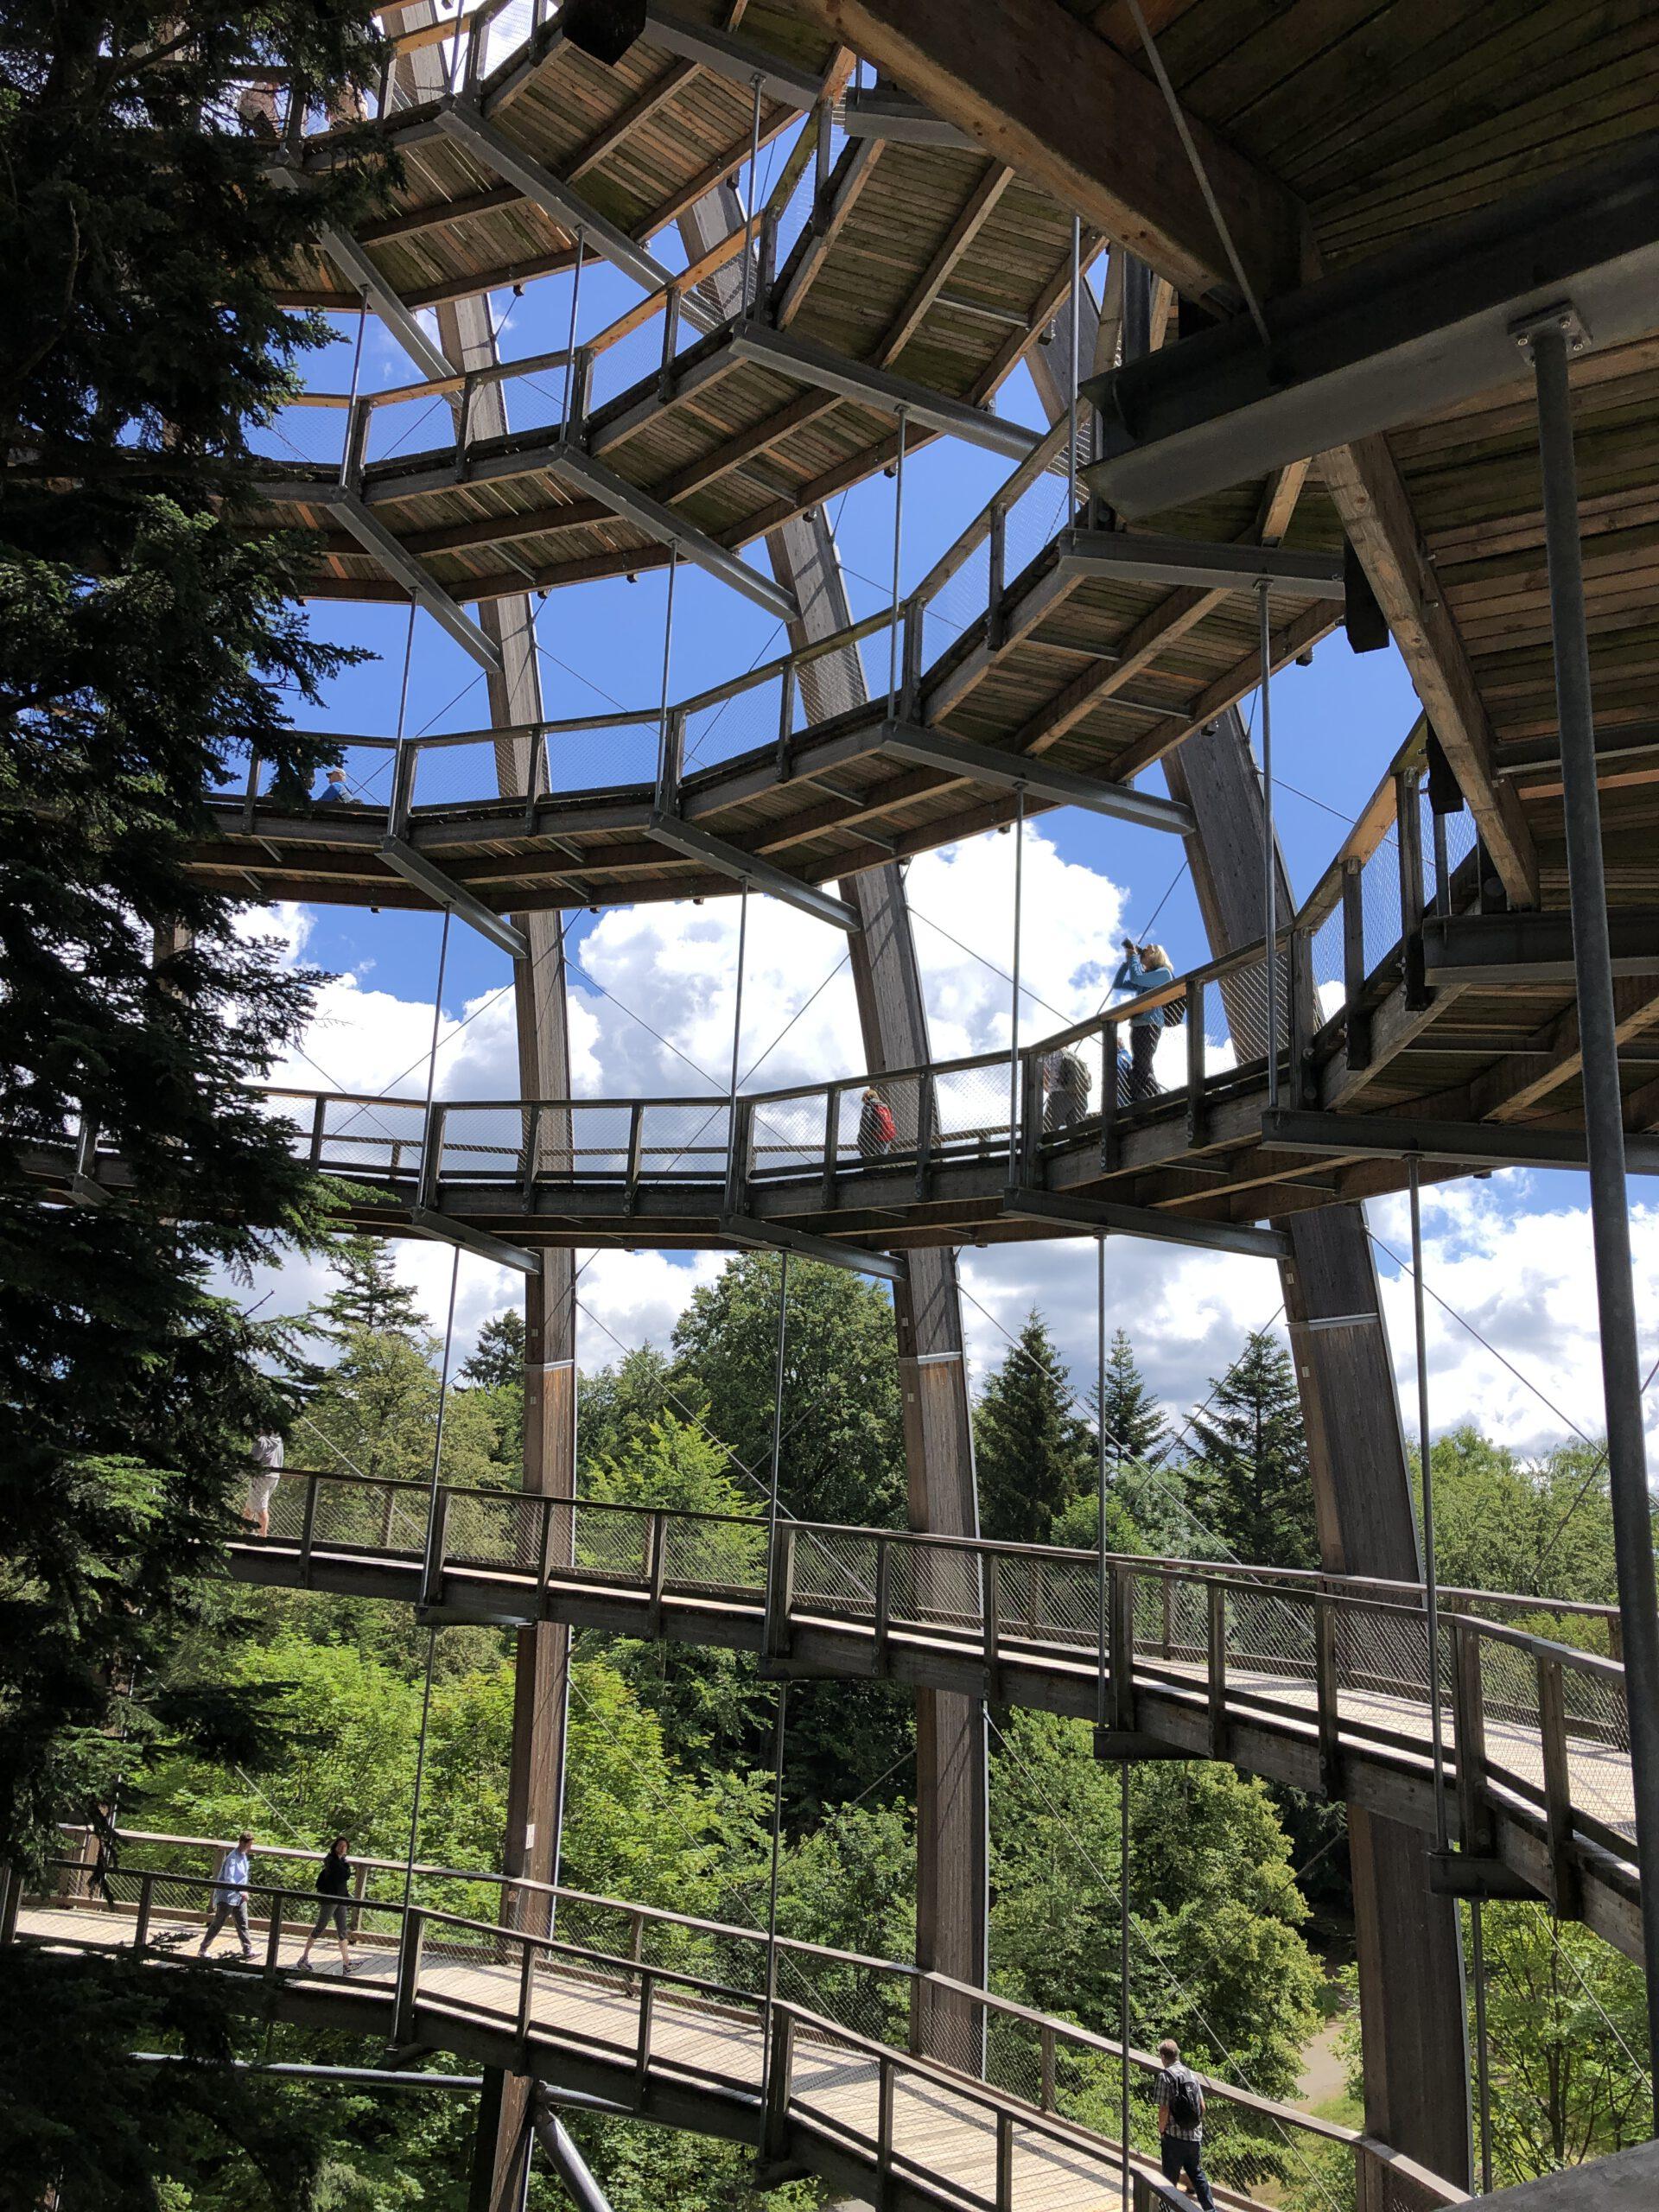 Baumwipfelpfad mit Aussichtsplattform Waldei, NPZ Lusen